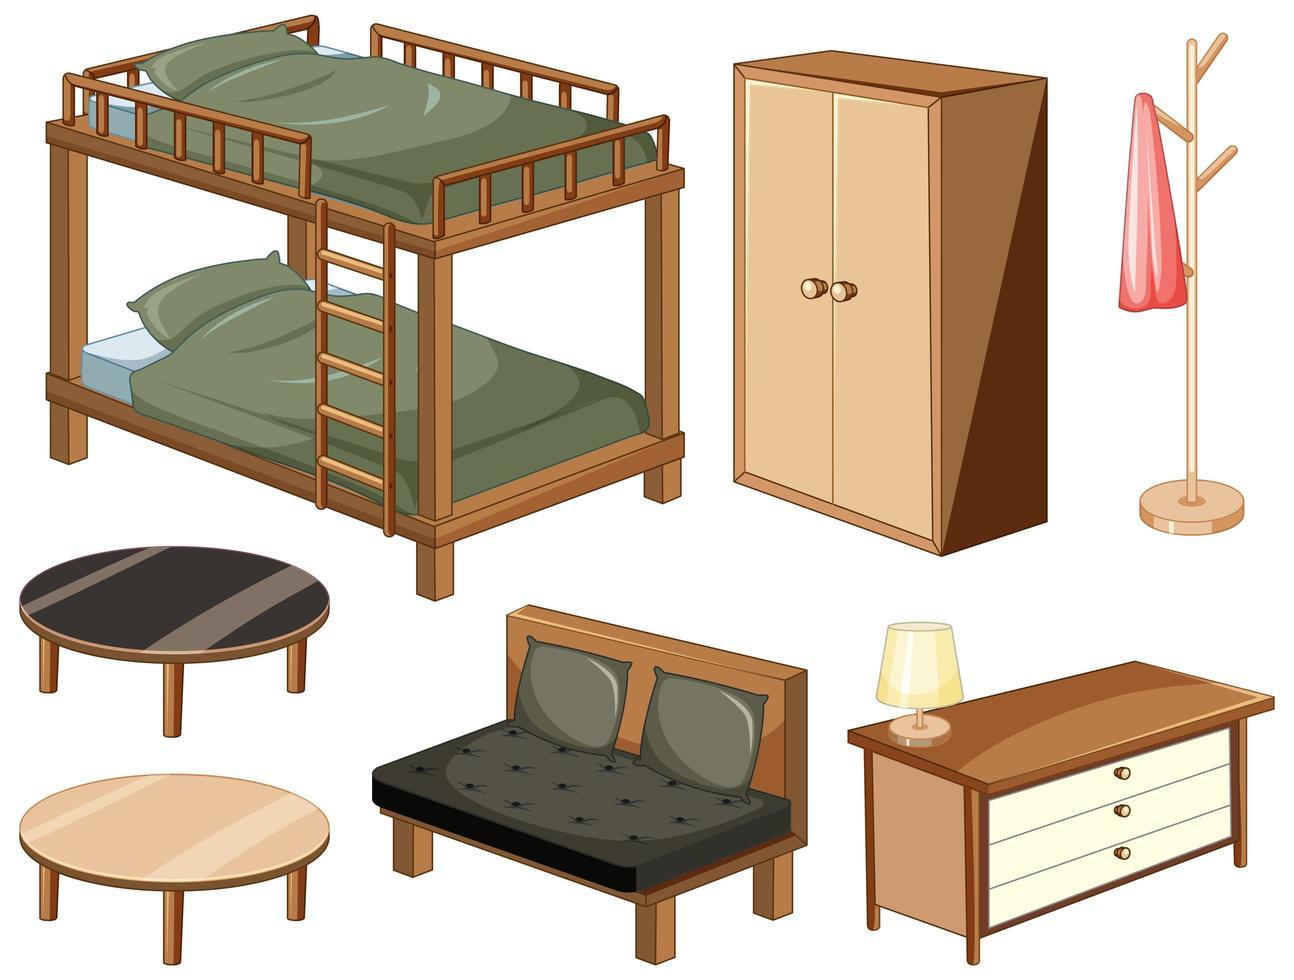 slaapkamermeubels objecten geïsoleerd op een witte achtergrond vector